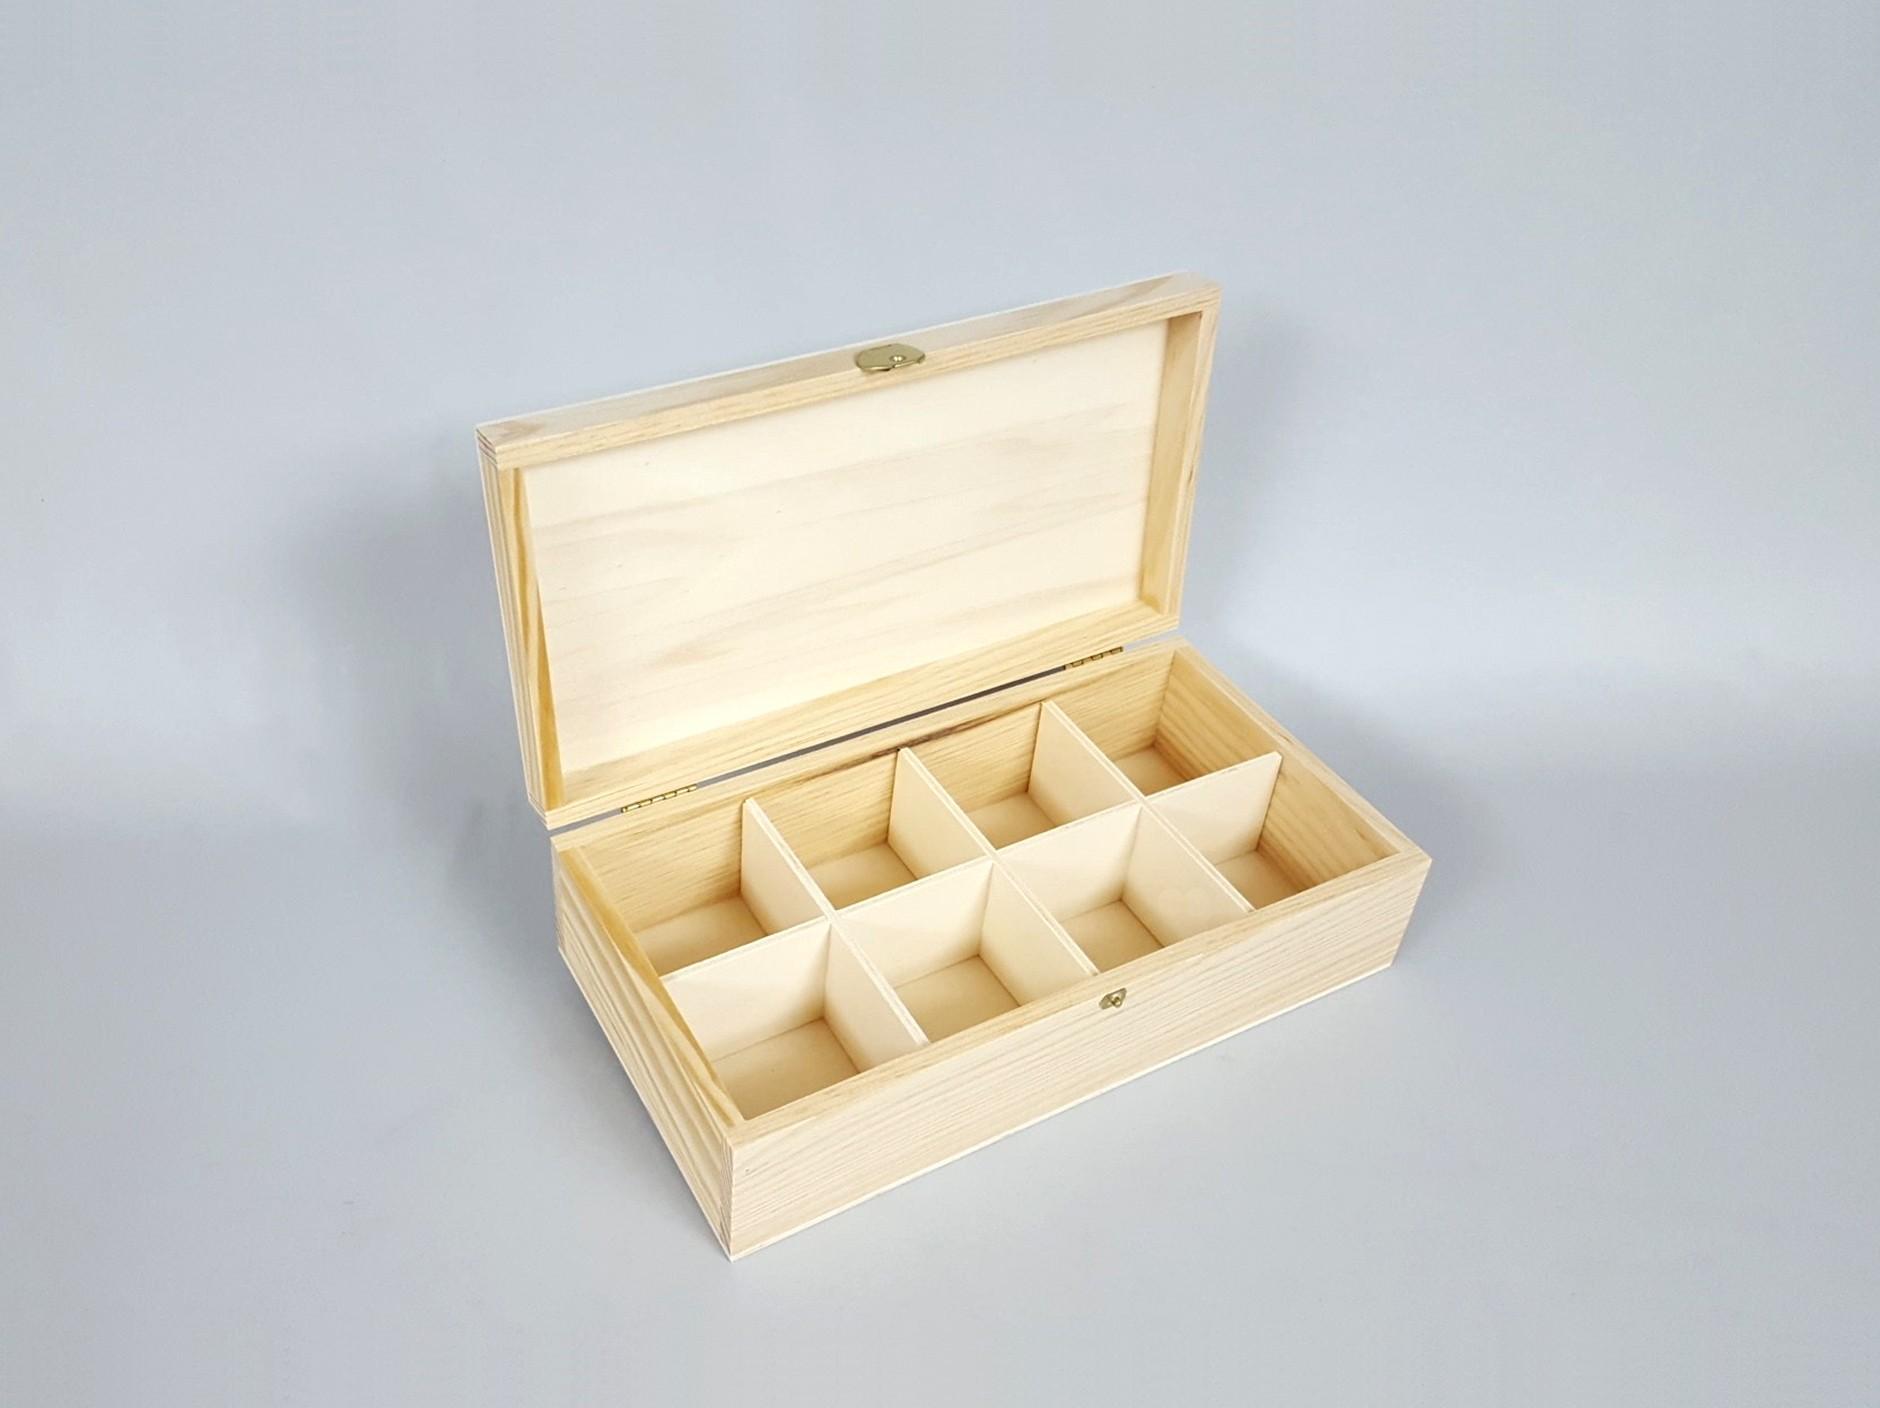 Caja de madera para Té 8 divisiones c/bisagra y broche Ref.P35C47C